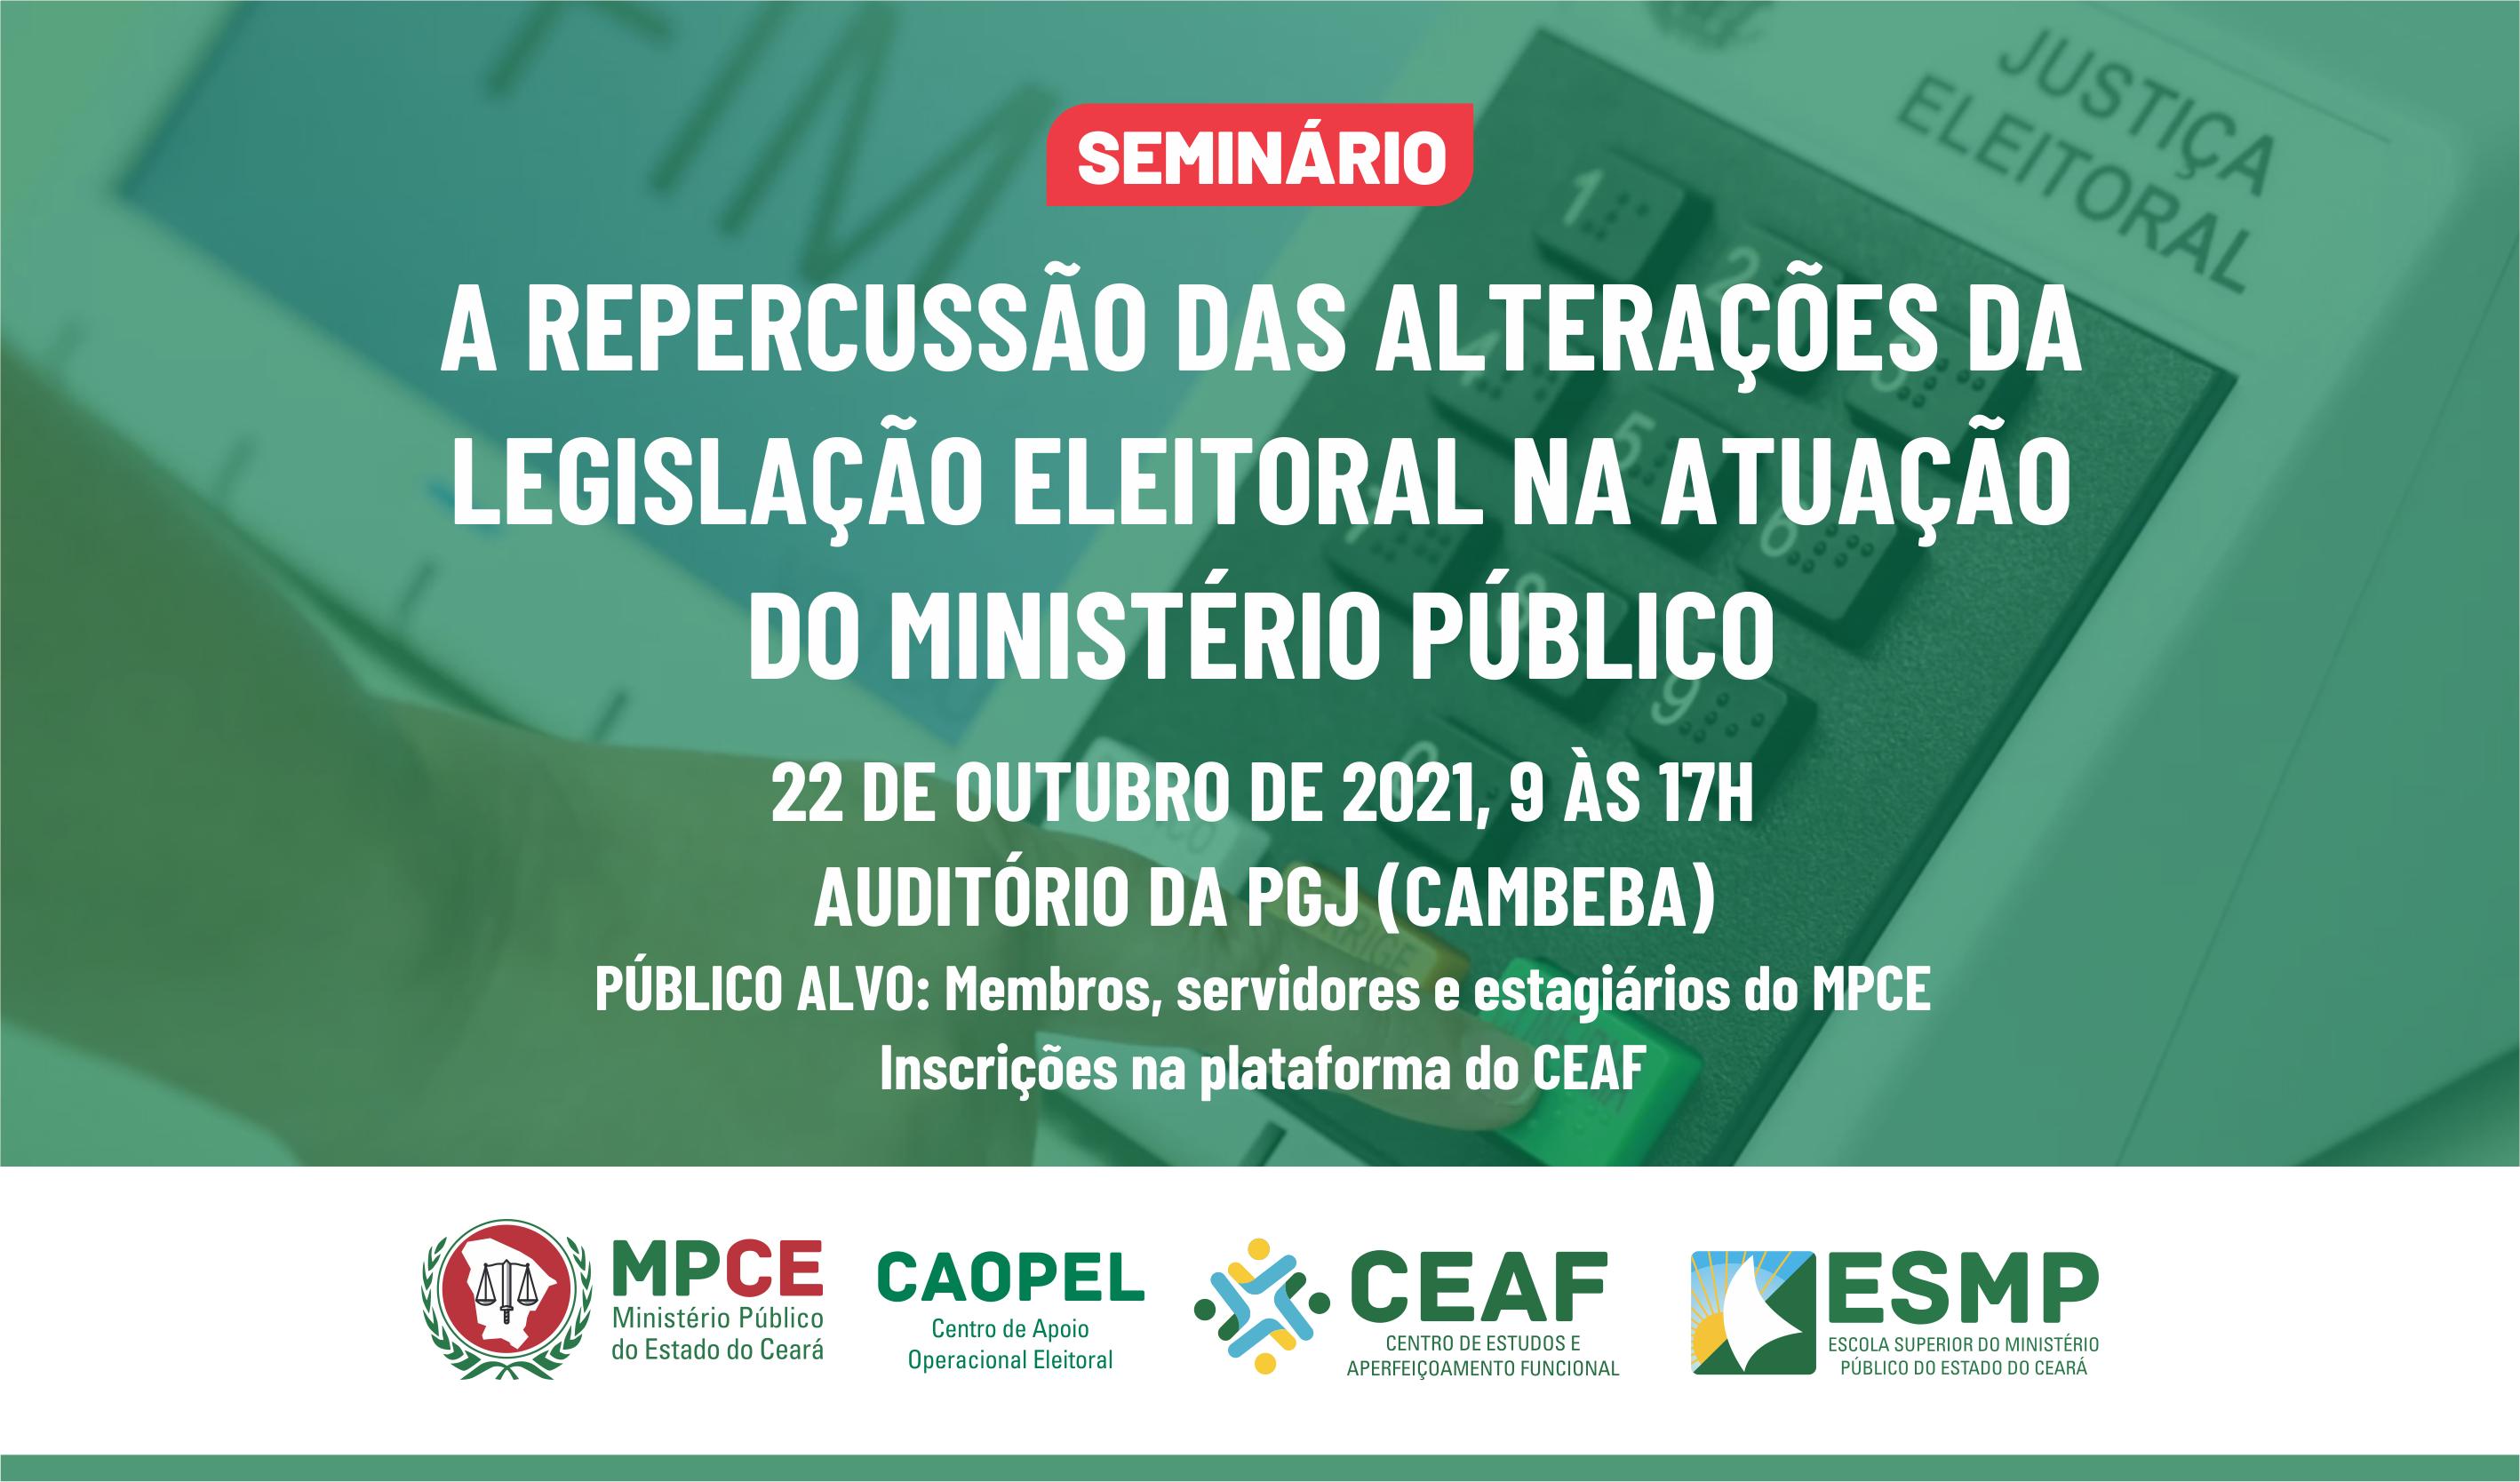 A REPERCUSSÃO DAS ALTERAÇÕES DA LEGISLAÇÃO ELEITORAL NA ATUAÇÃO DO MINISTÉRIO PÚBLICO